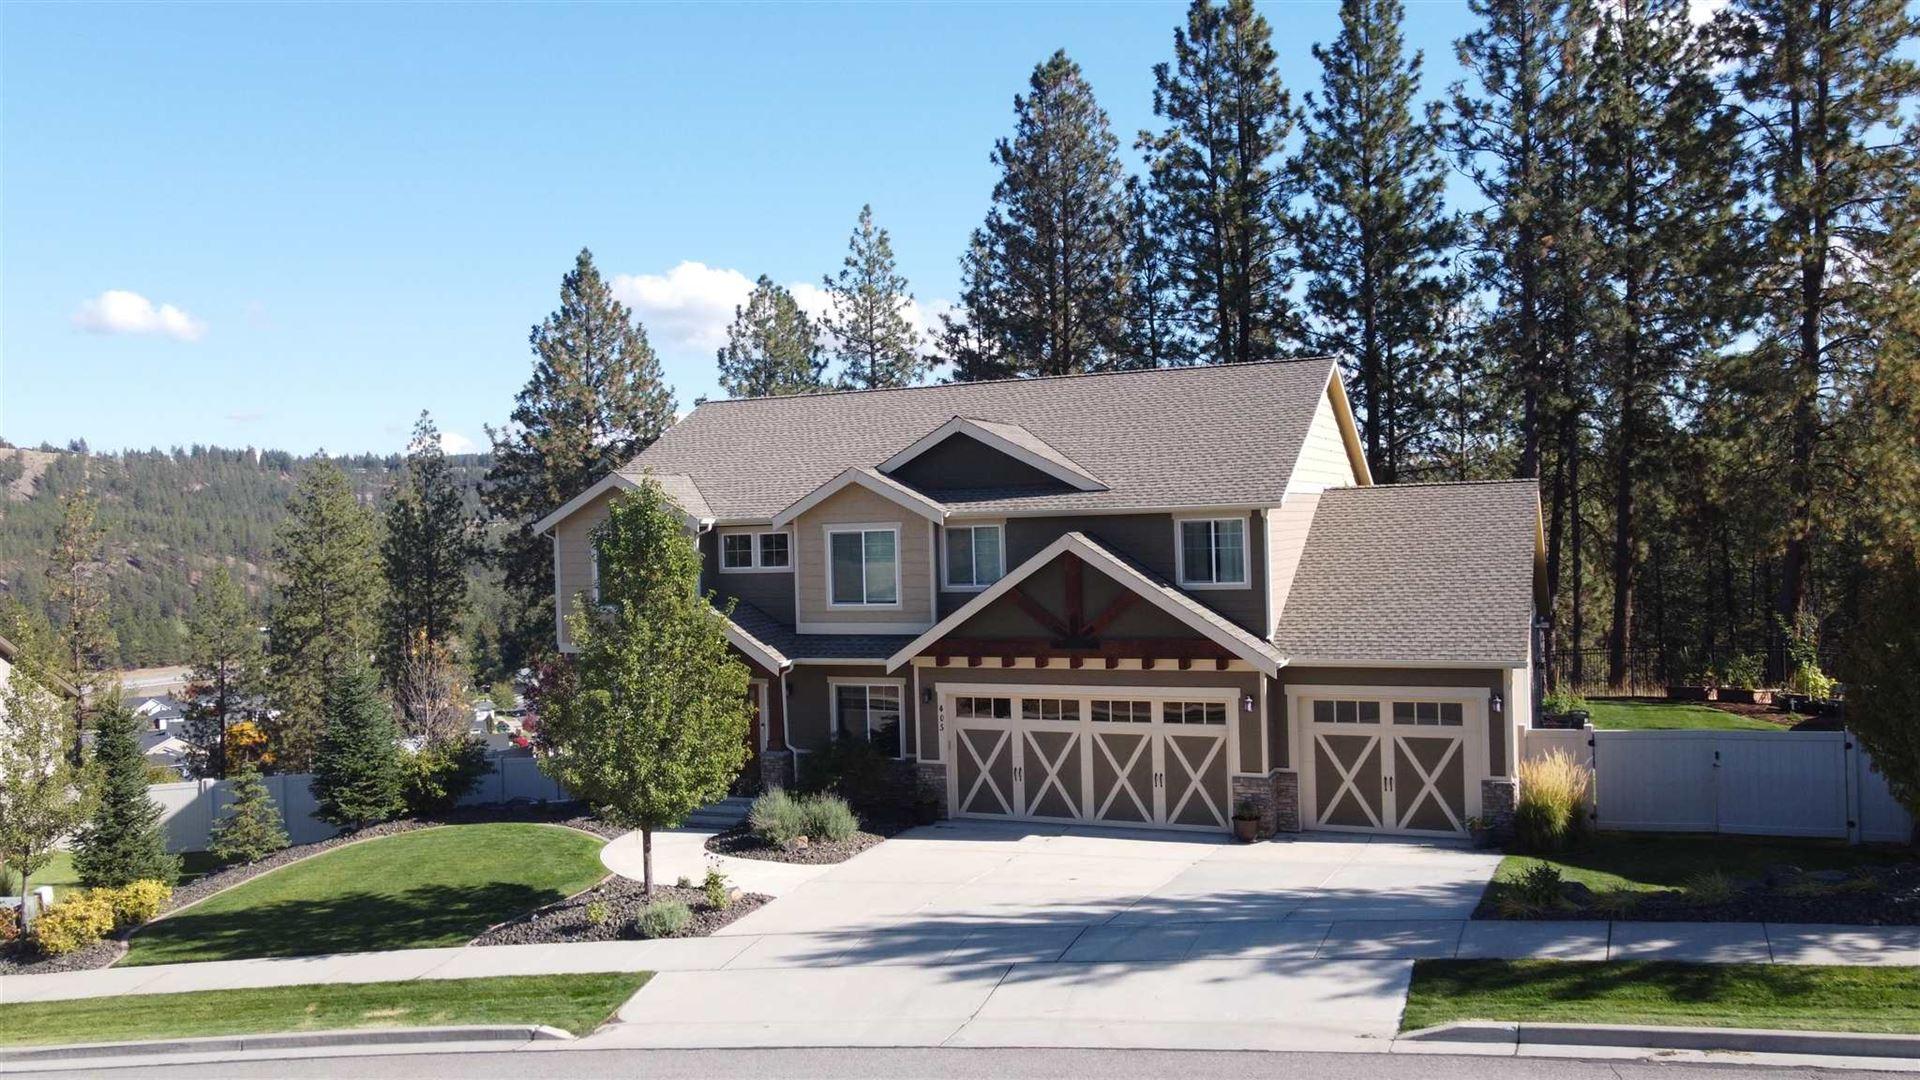 Photo of 405 W Talon Dr, Spokane, WA 99224 (MLS # 202124109)